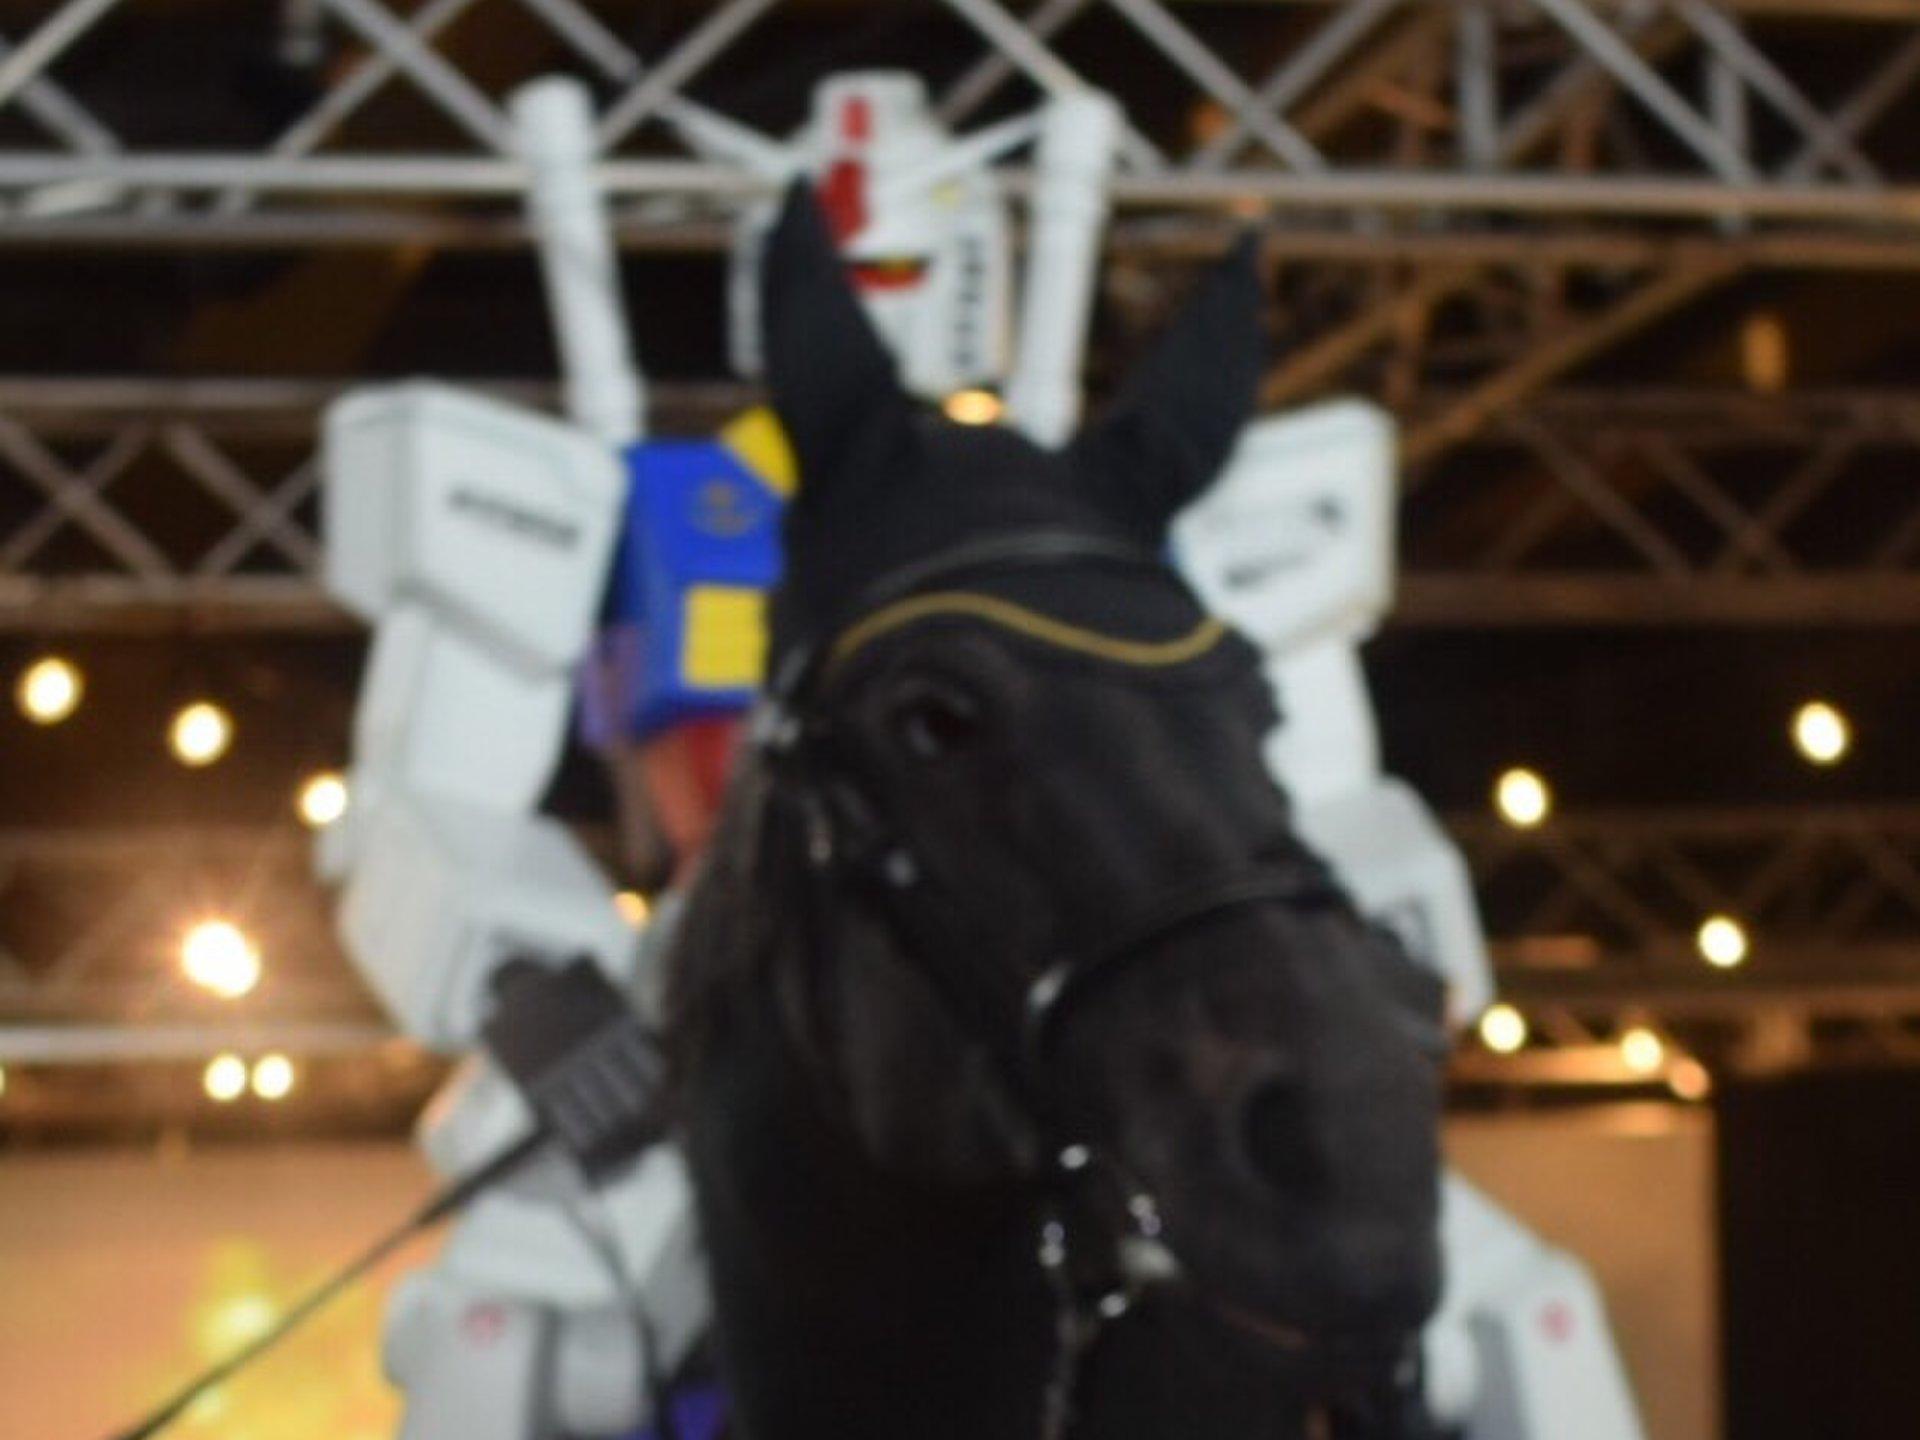 【イベント】アリマ、行きまーす!?有馬記念と機動戦士ガンダムがまさかのコラボだと…?